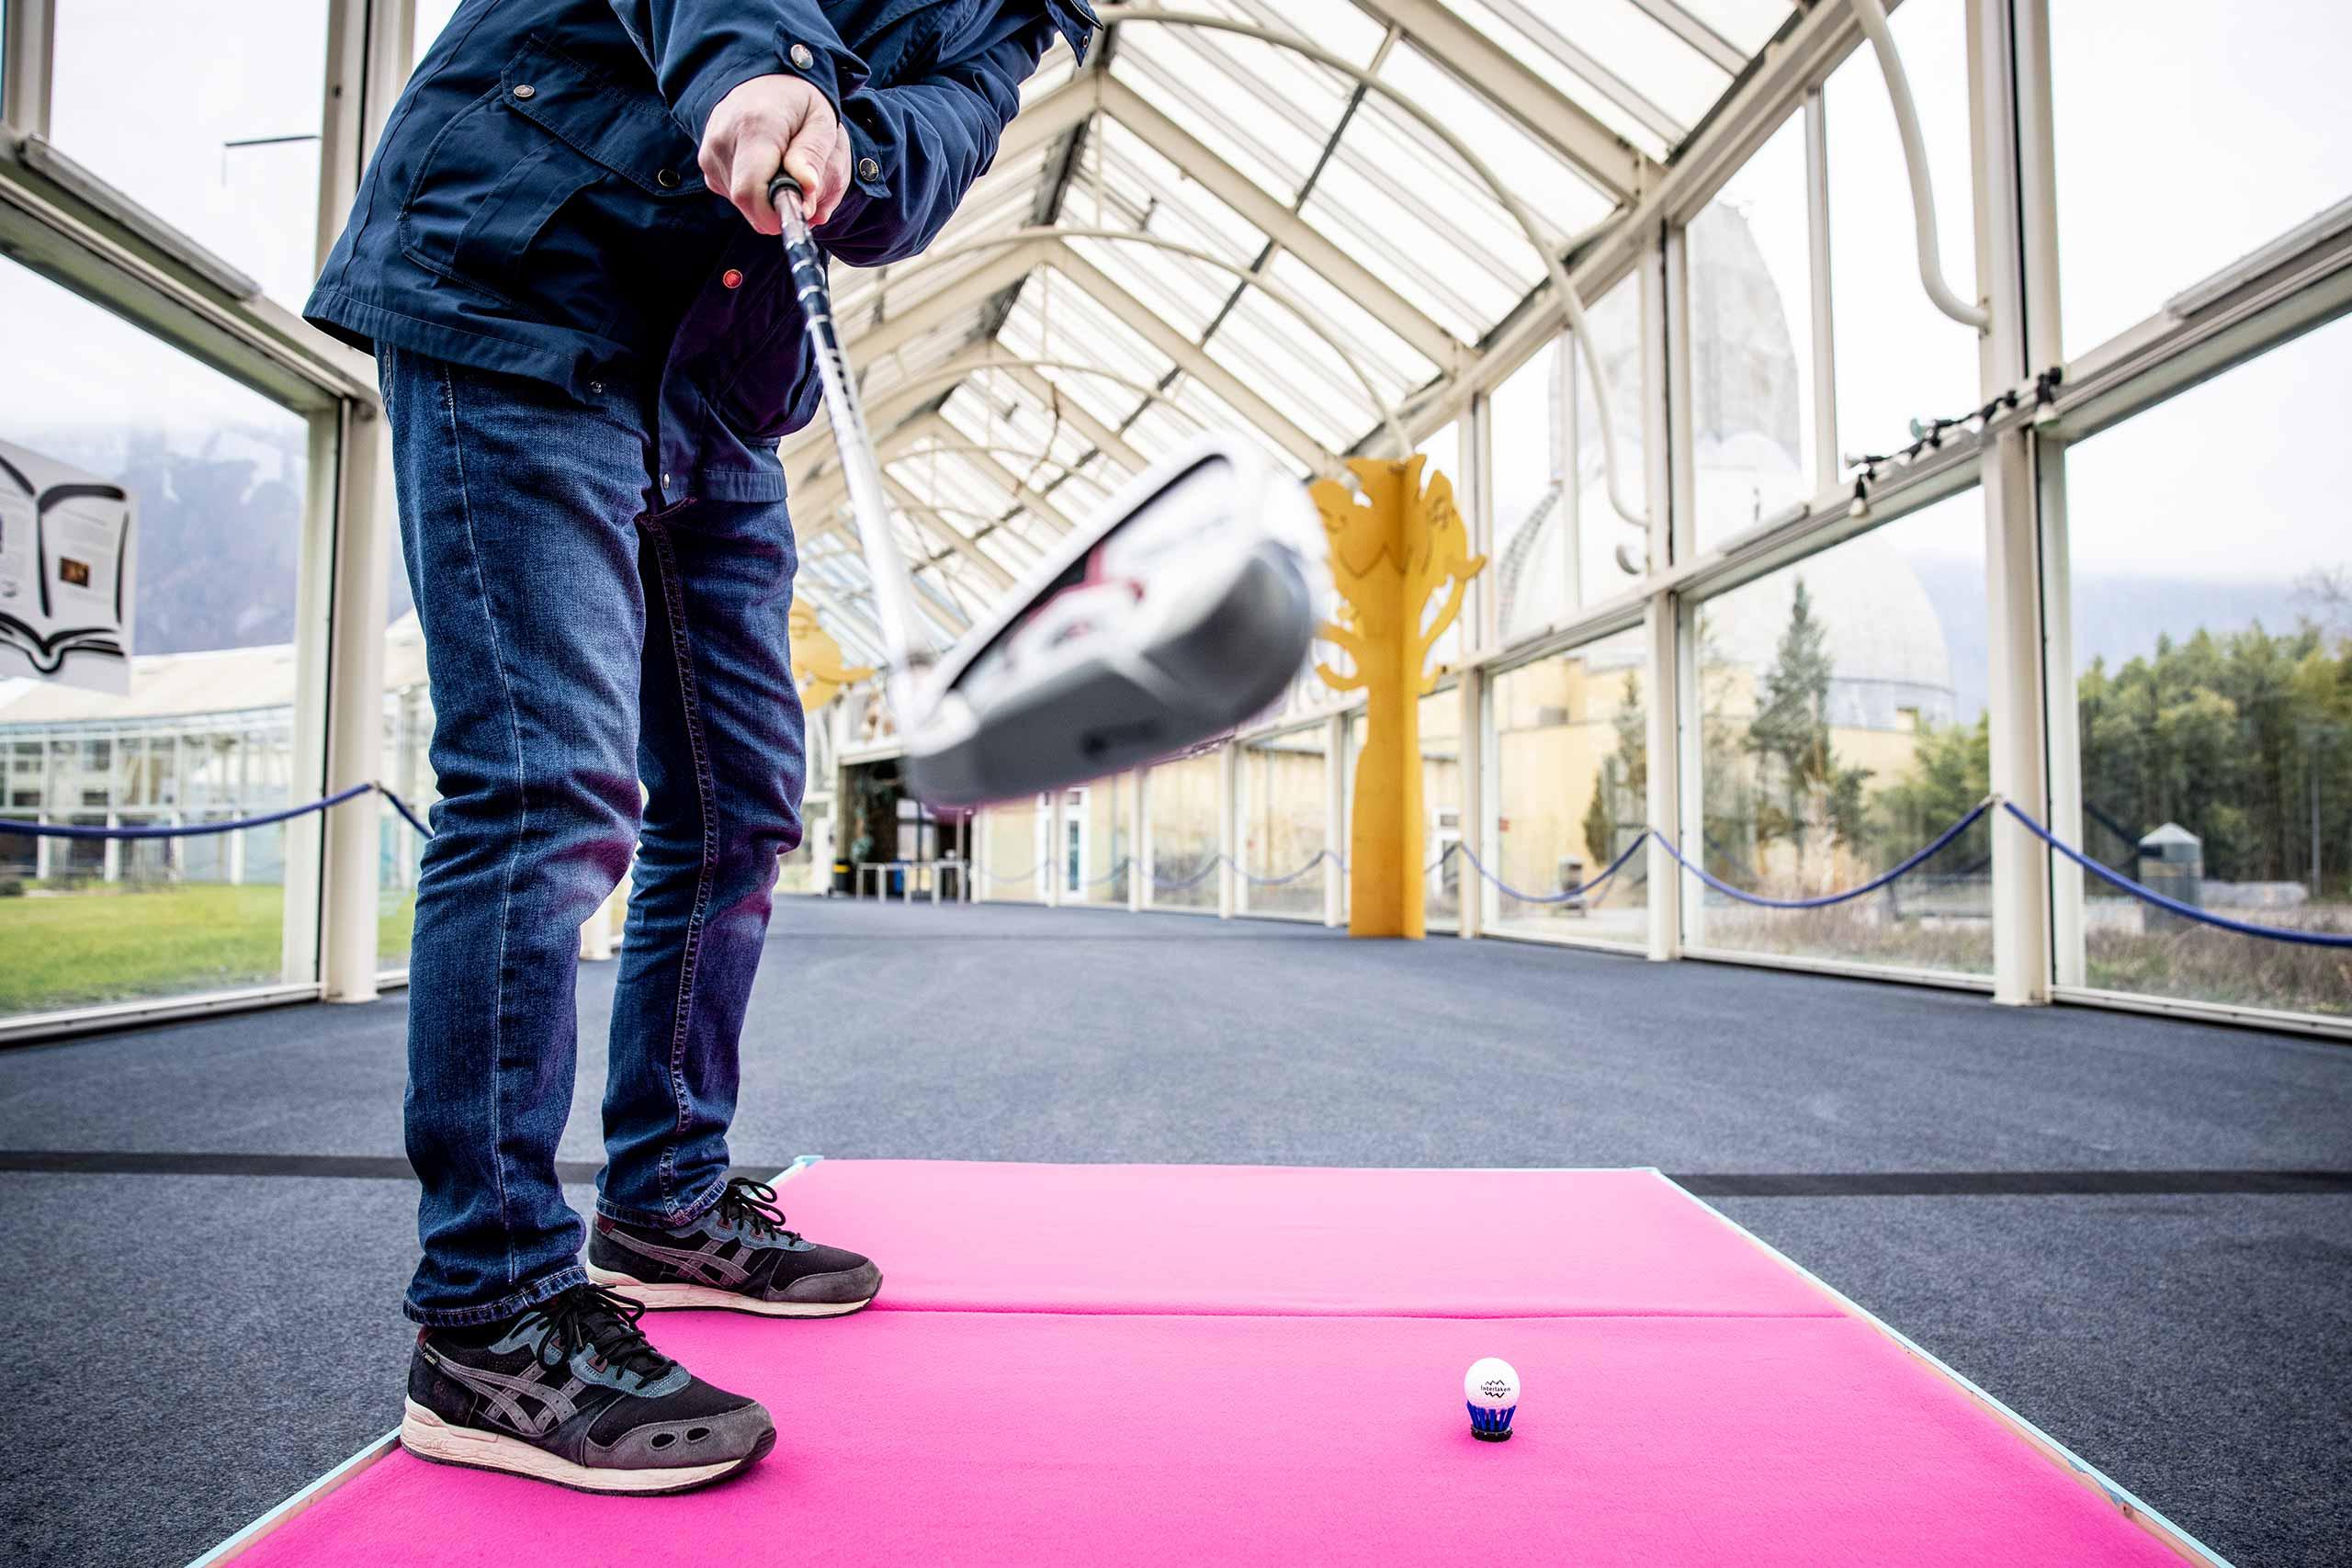 indoor-urban-golf-interlaken-schwung-abschlag.jpg